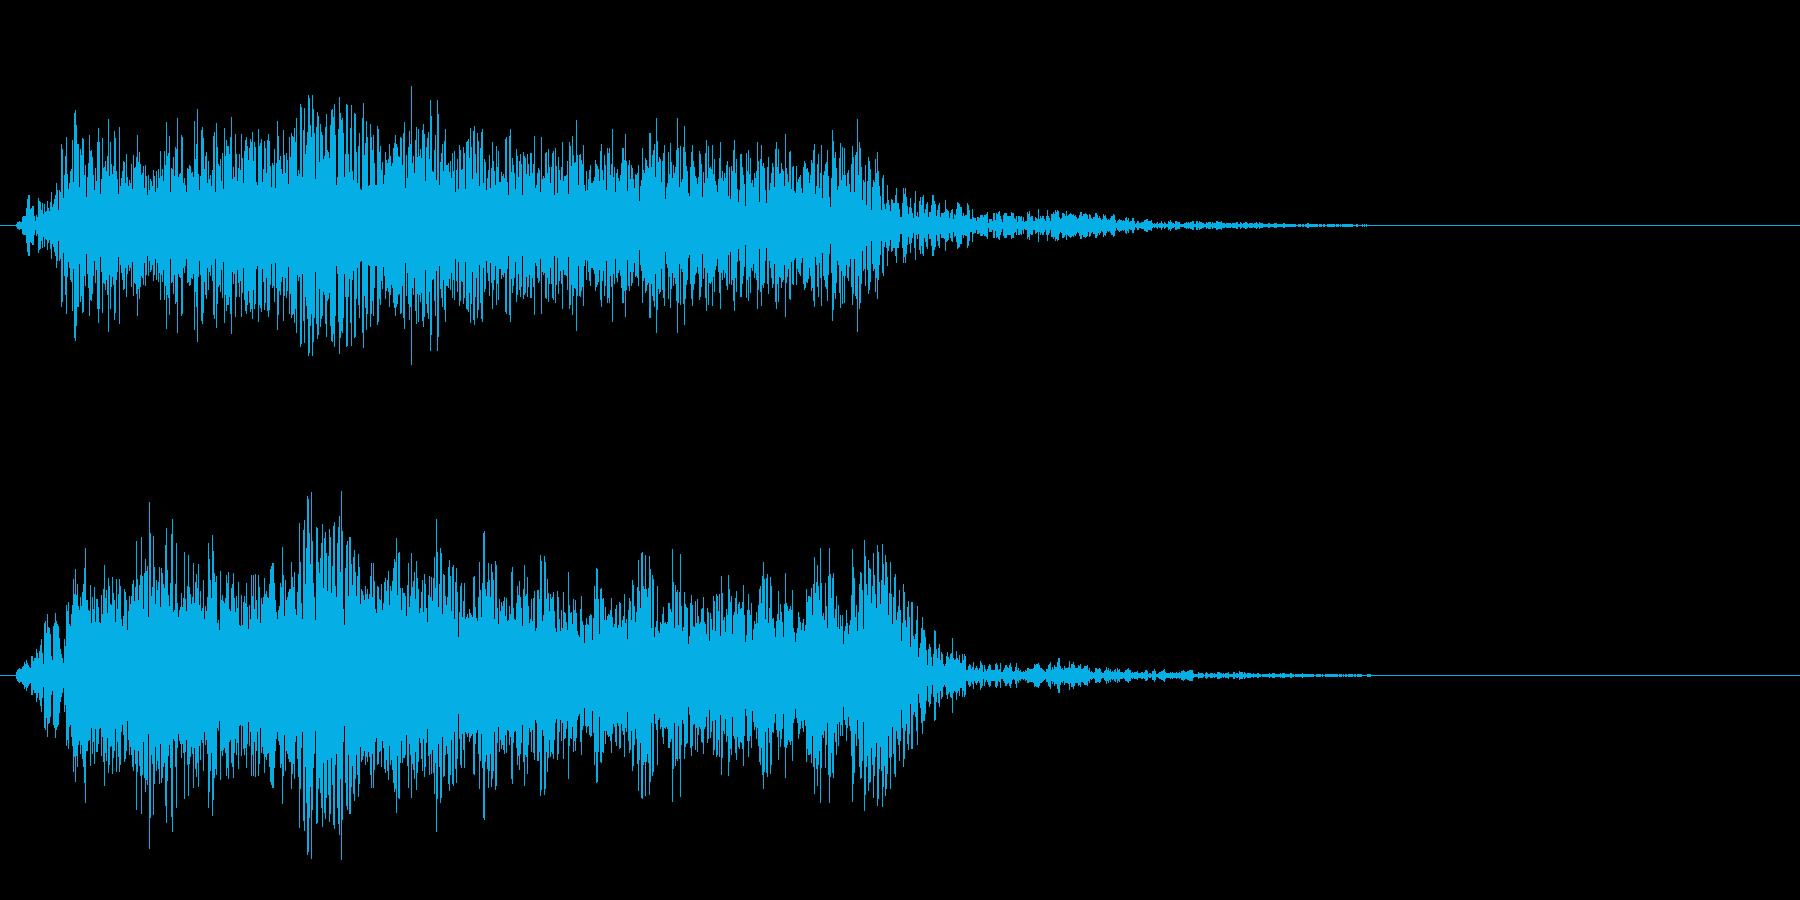 【警報】アラート 警告 注意【サイレン】の再生済みの波形